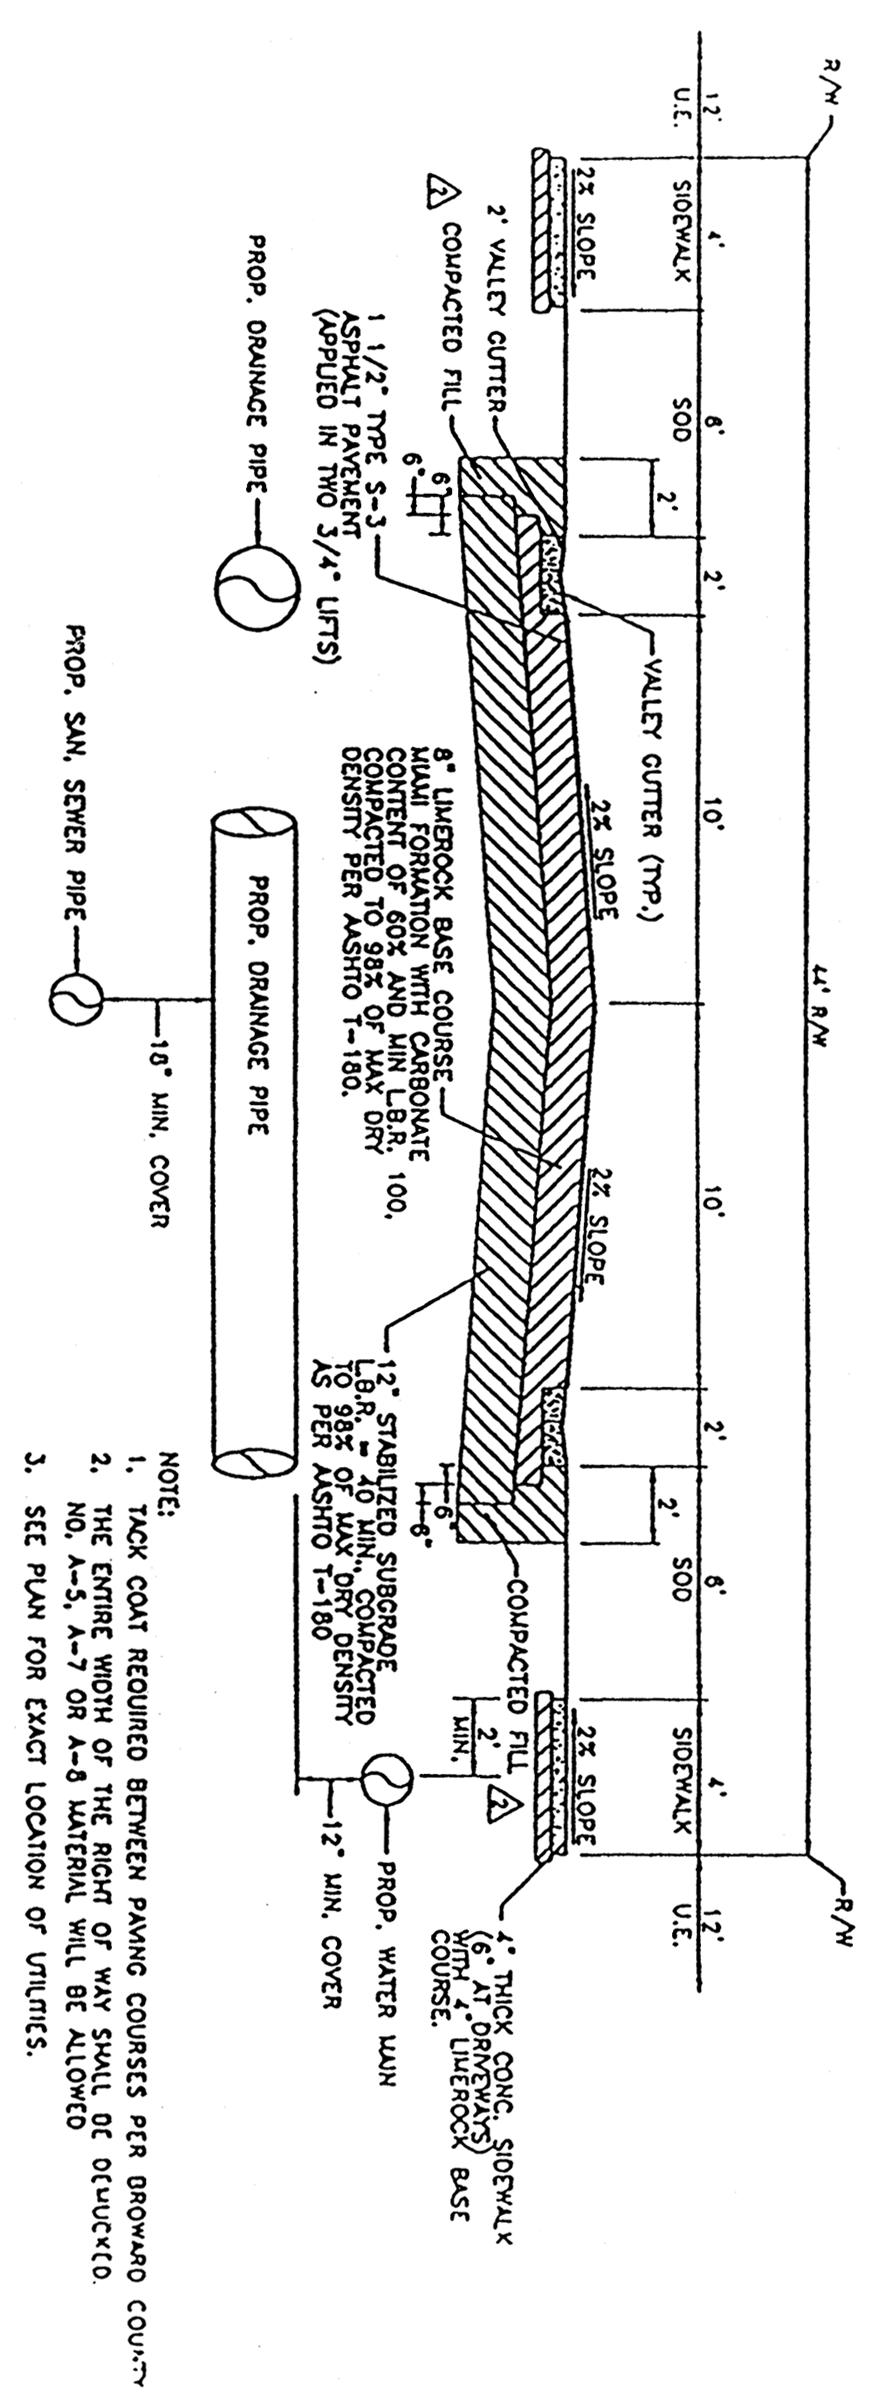 [DIAGRAM_38YU]  Ory Logic Diagram Continued - data wiring diagram   Ory Logic Diagram Continued      Edgar Hilsenrath